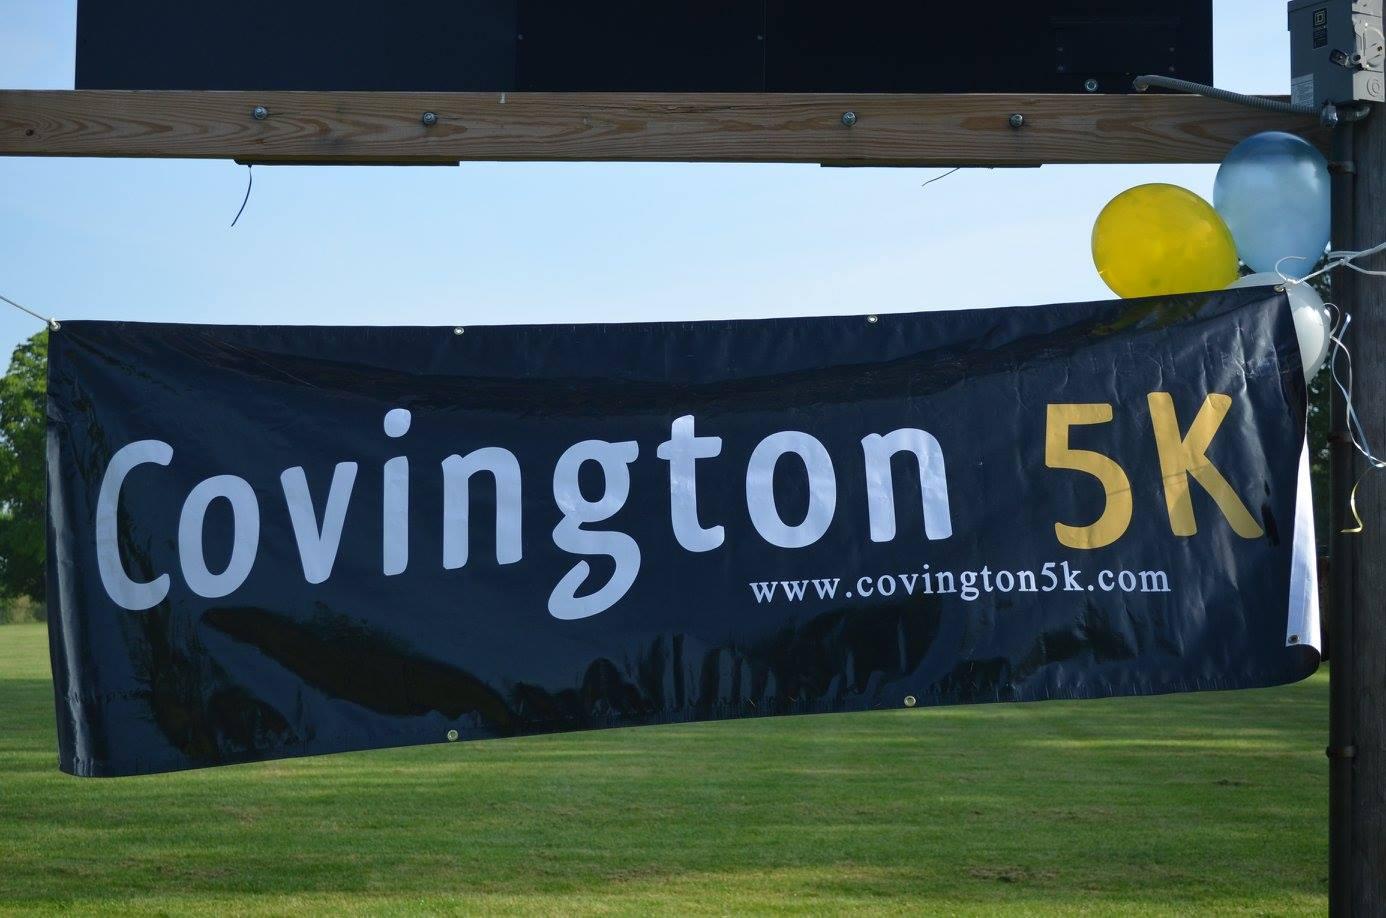 Covington 5K Banner